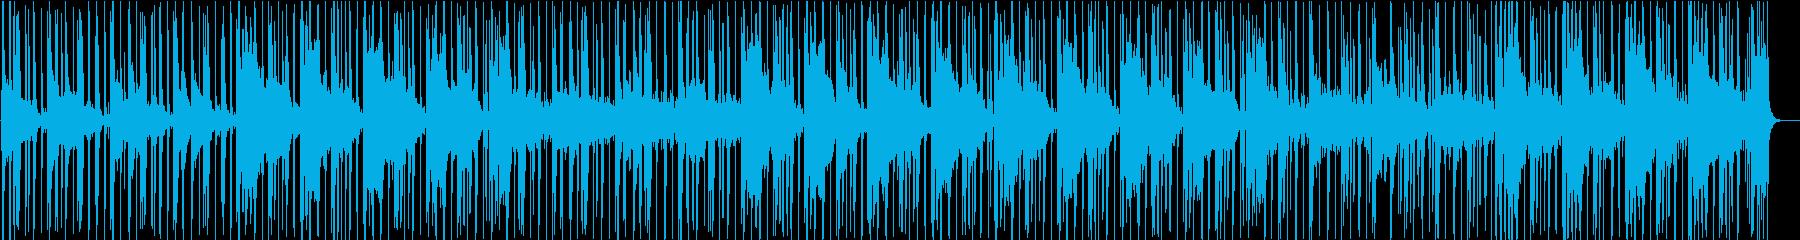 寂れた大人な雰囲気のR&Bの再生済みの波形